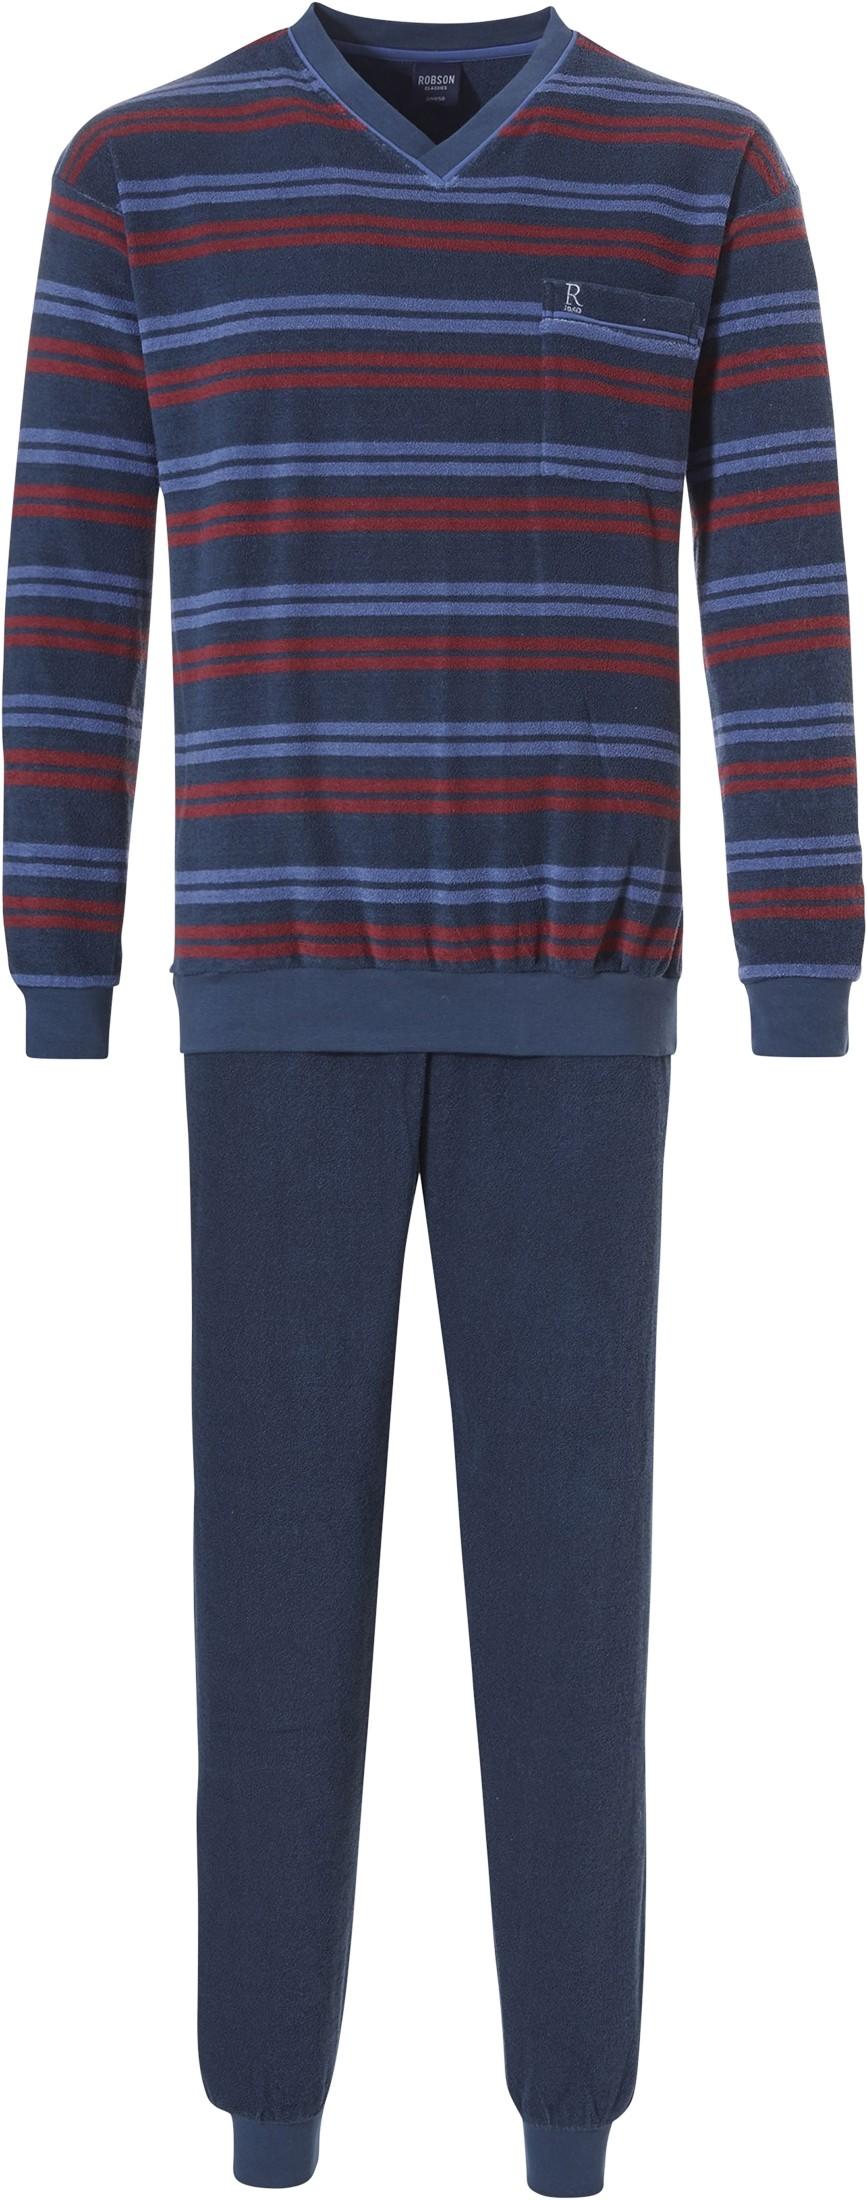 Heren pyjama Robson badstof 27192-712-2-S/48